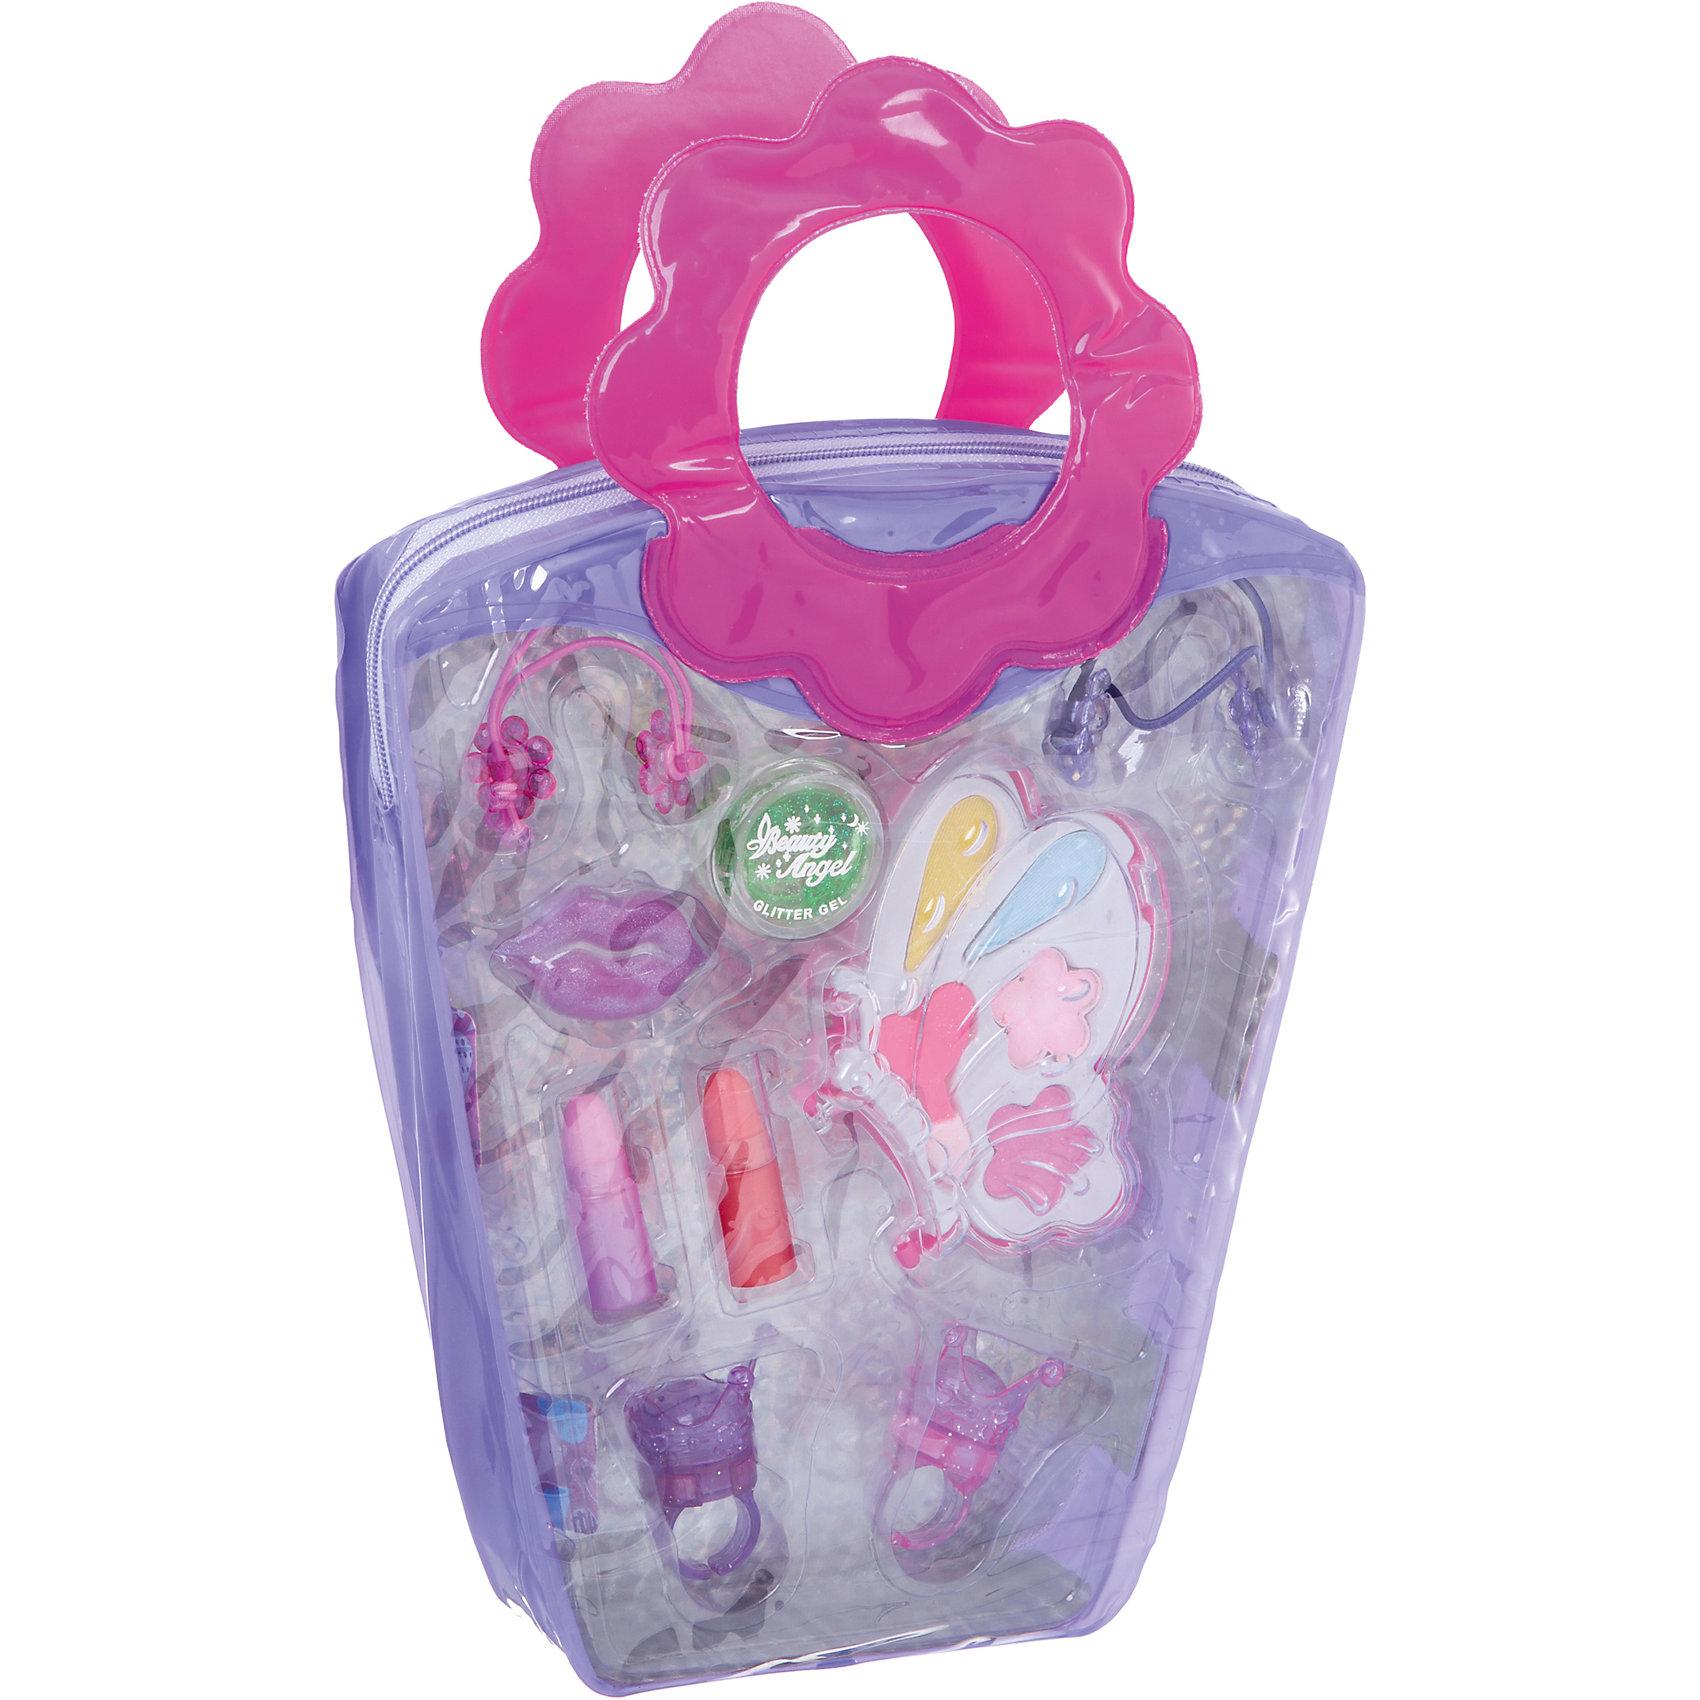 Детская декоративная косметика Сумочка-косметичка Eva Moda (тени для век)Наборы детской косметики<br>Характеристики товара:<br><br>• материал: косметические ингредиенты, текстиль, пластик<br>• размер упаковки: 19x28х4 см<br>• упаковка: сумочка<br>• комплектация: 4 оттенка теней для век, аппликатор, 2 помады, 2 колечка с блесками для губ, 3 блеска для губ, 2 резинки для волос, гель-блеск<br>• декоративная косметика<br>• возраст: от пяти лет<br>• страна бренда: Бельгия<br>• страна производства: Китай<br><br>Научить девочку пользоватться косметикой и весело провести время поможет этот комплект! Набор состоит из блеска для губ, помады, аппликаторов и т.д., с их помощью можно сделать различные варианты макияжа. <br>Косметика качественно выполнена, сделана из безопасного для детей сырья. Подобное занятие помогает привить детям вкус, лучше развить мелкую моторику, память, внимание, аккуратность и мышление. Детям полезно такое занятие - они развивают свои способности и начинают верить в свои силы! Отличный подарок для ребенка.<br><br>Детскую декоративную косметику Сумочка-косметичка Eva Moda (тени для век) Bondibon можно купить в нашем интернет-магазине.<br><br>Ширина мм: 190<br>Глубина мм: 40<br>Высота мм: 285<br>Вес г: 153<br>Возраст от месяцев: 60<br>Возраст до месяцев: 192<br>Пол: Женский<br>Возраст: Детский<br>SKU: 5273313